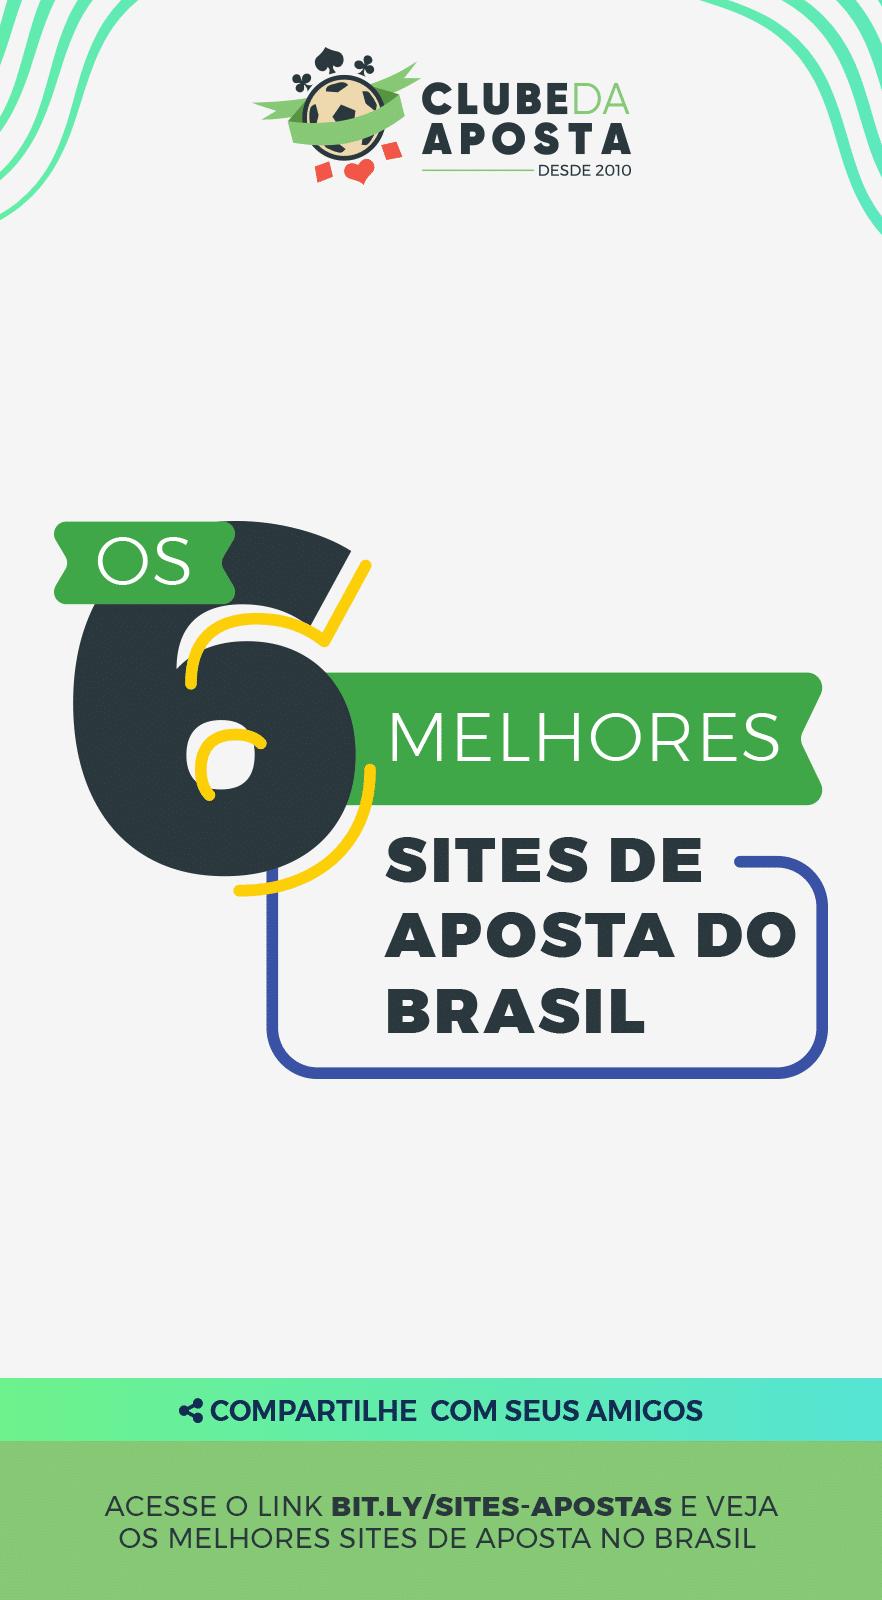 00-os-6-melhores-sites-de-aposta-do-brasil